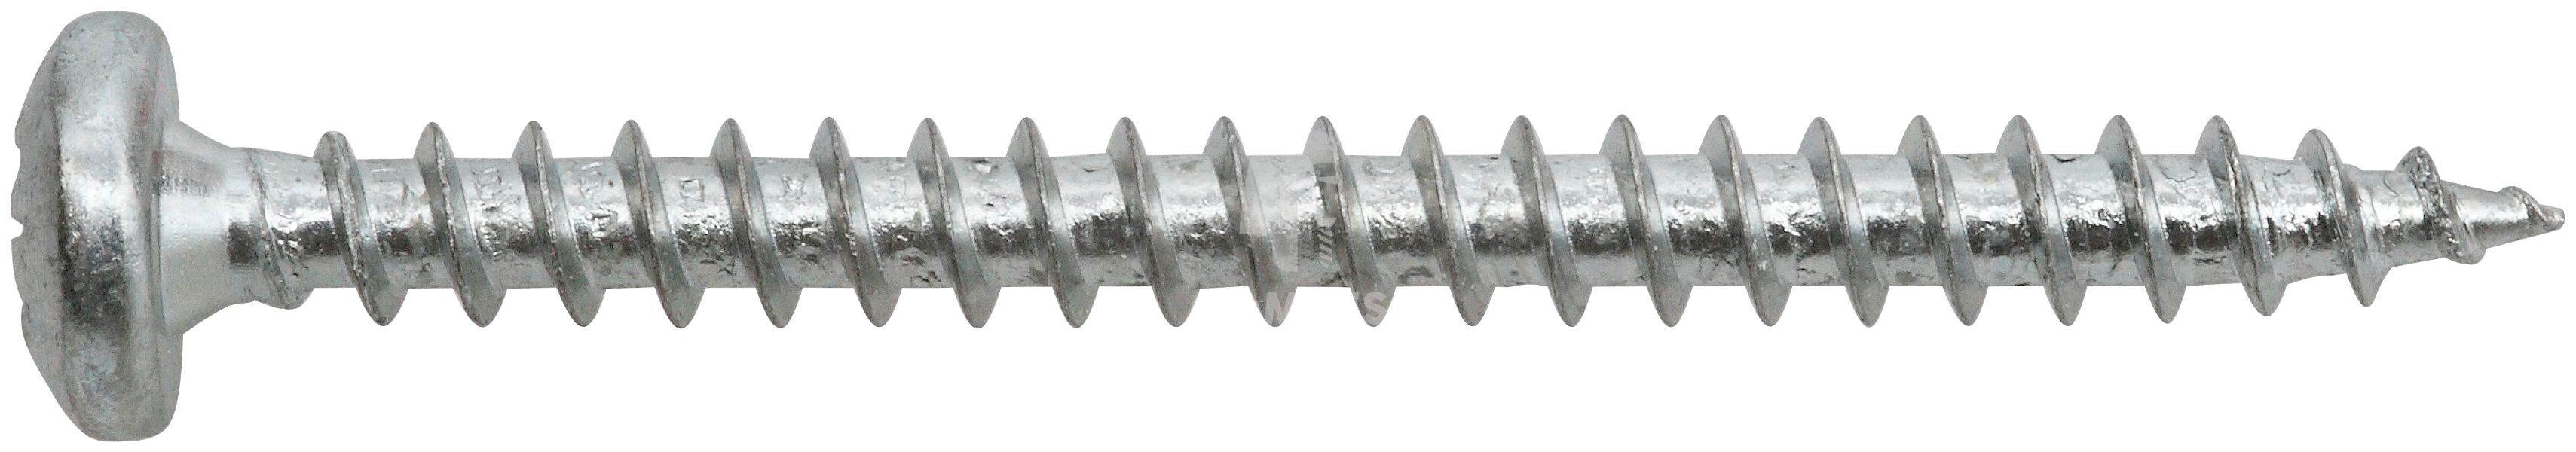 RAMSES Schrauben , Spanplattenschraube 5 x 50 mm PZ2 100 Stk.